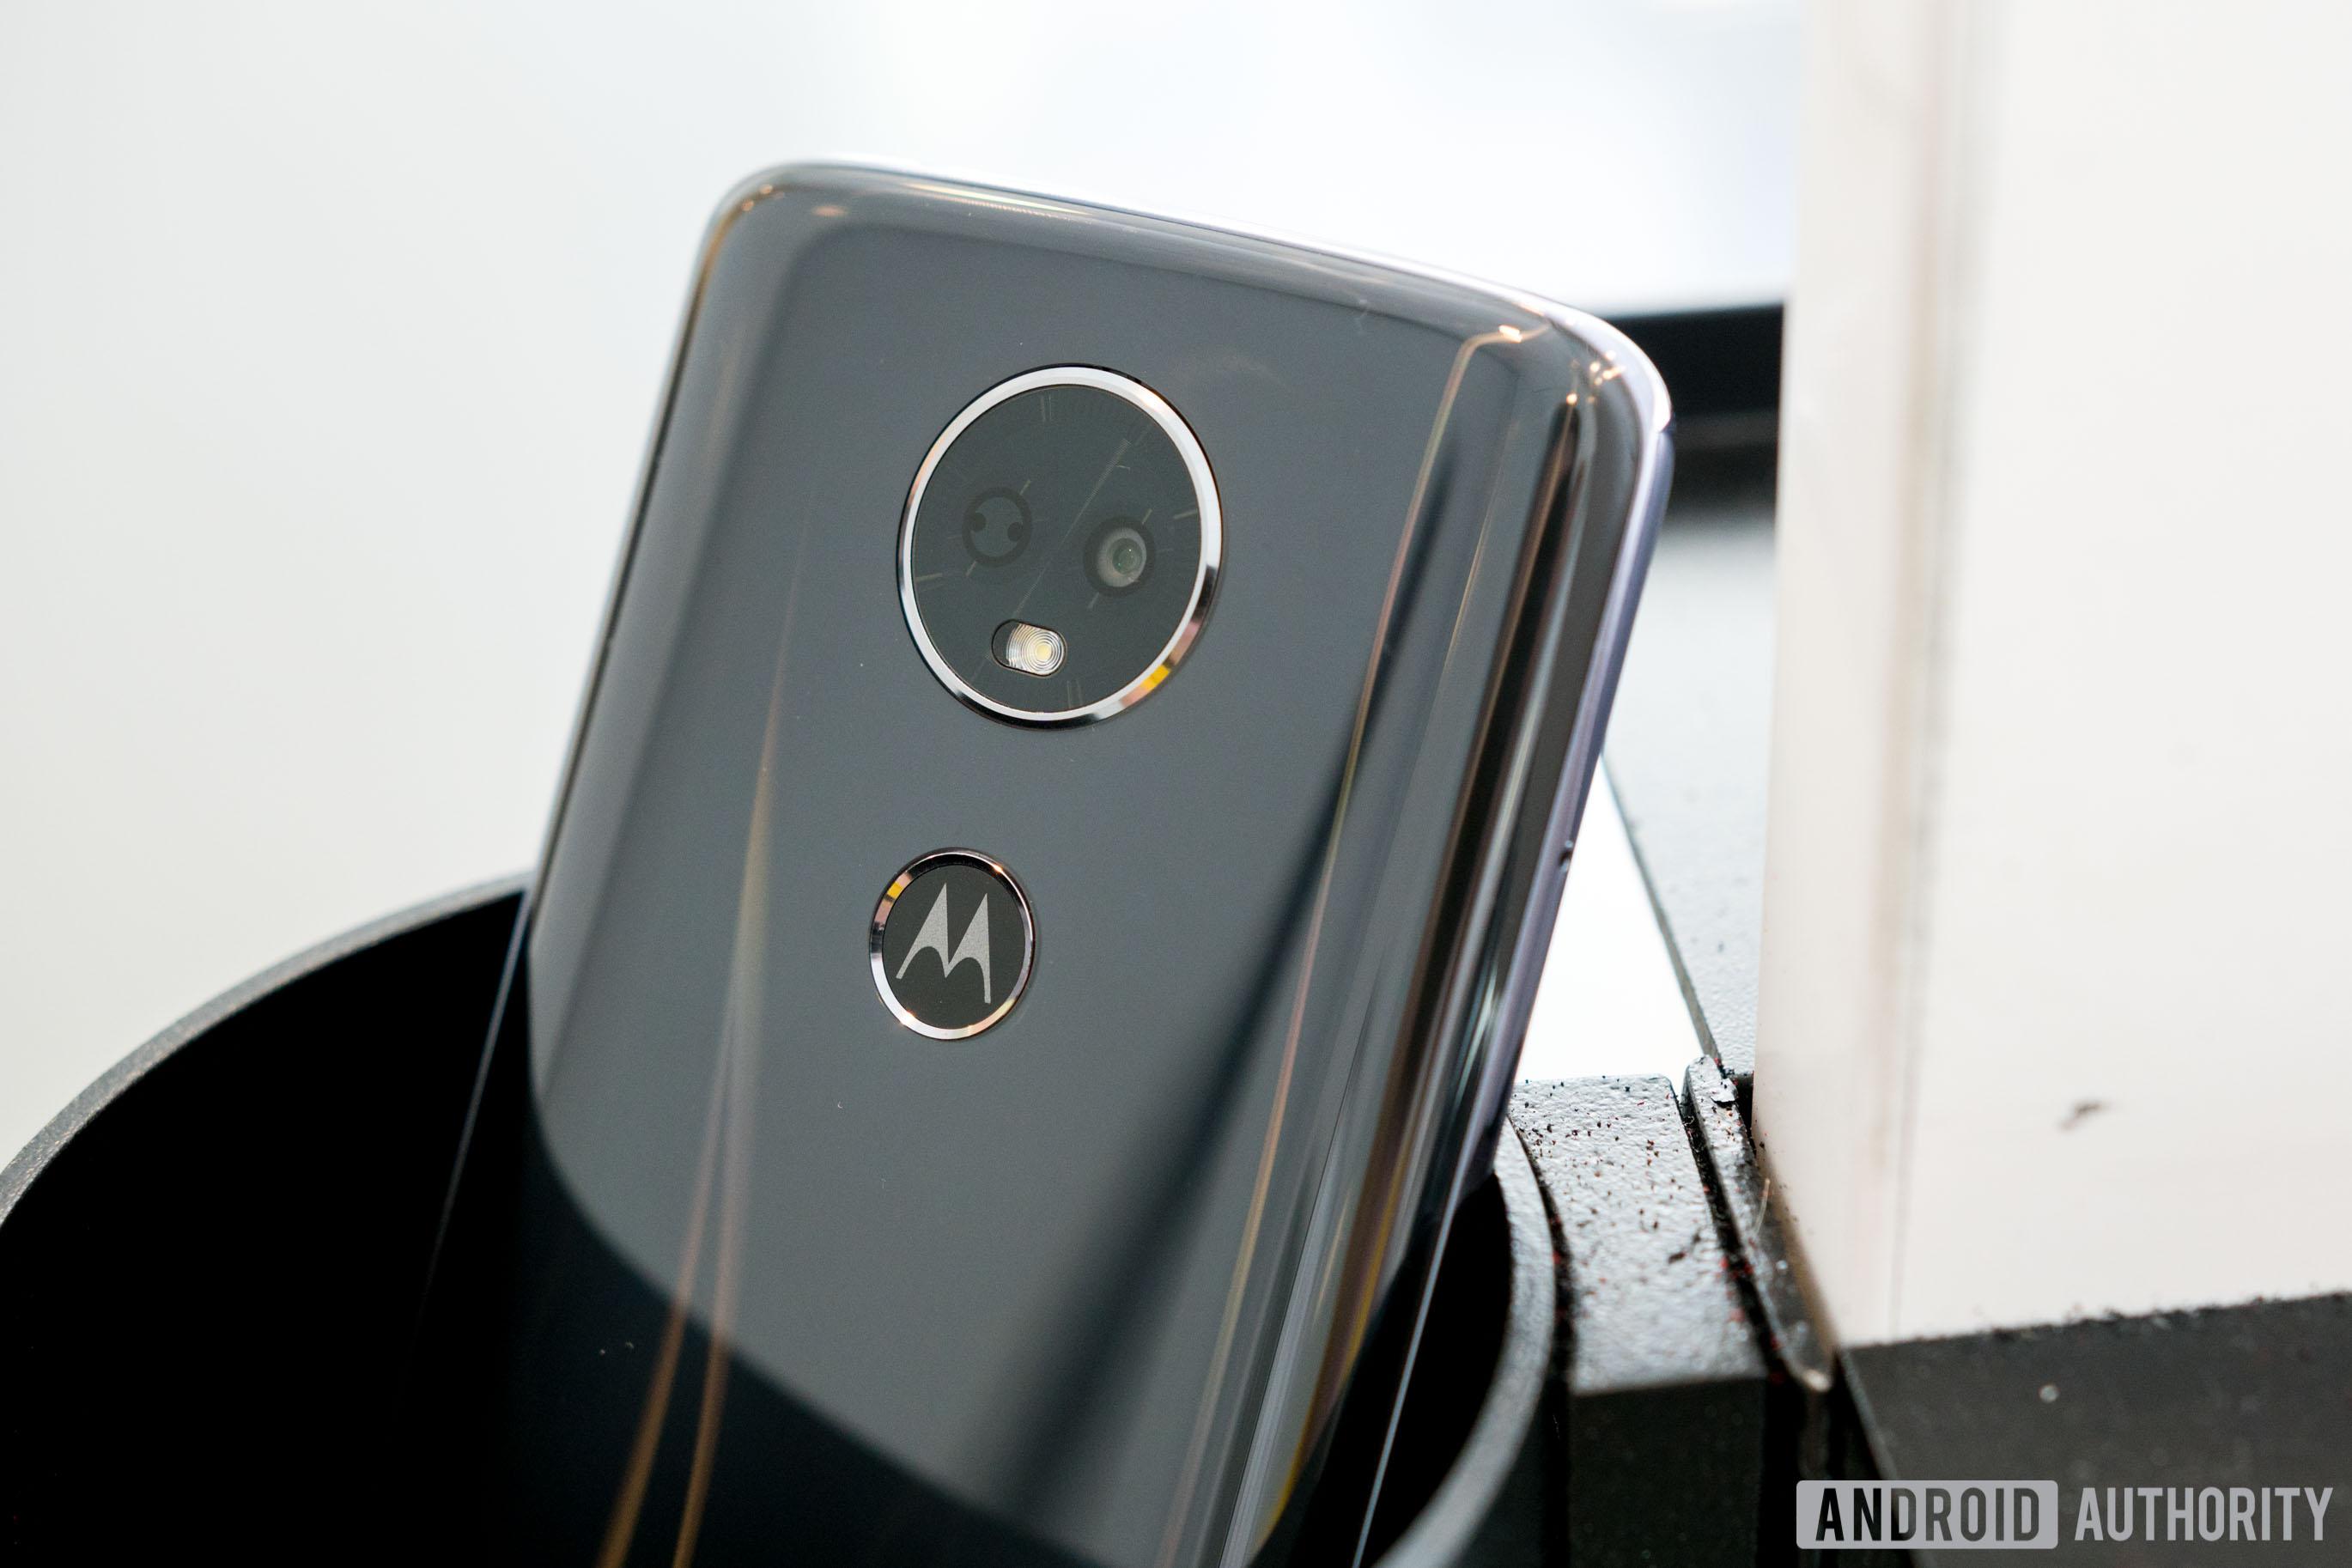 Motorola Moto E5 Plus Camera Lens and Moto Dimple Design, Moto E5 Plus review